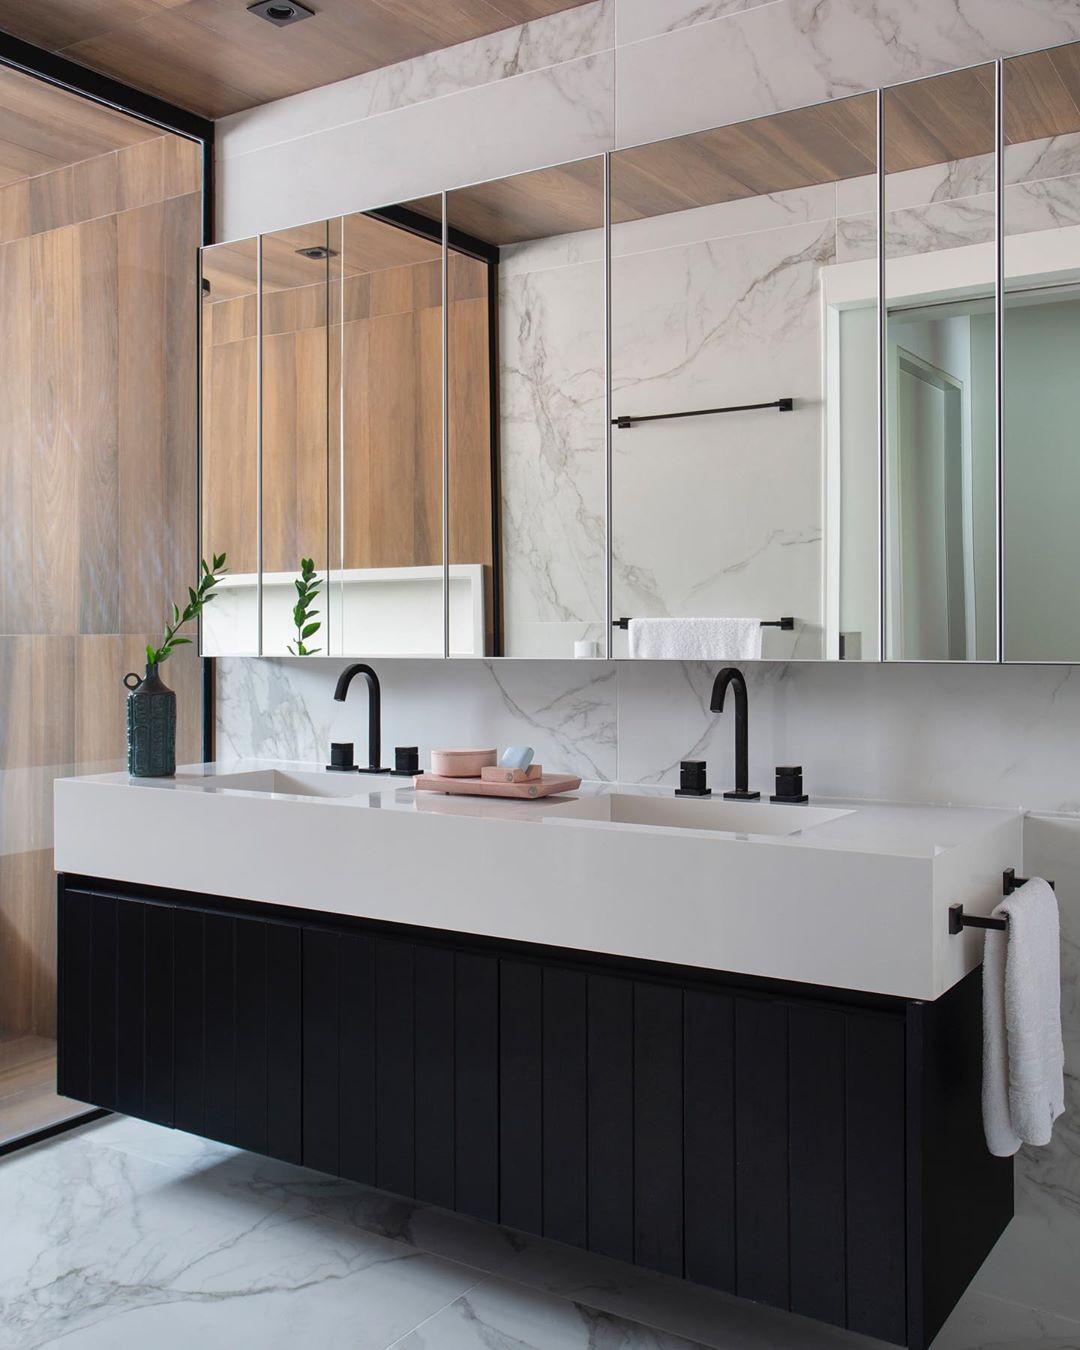 Como decorar banheiro: ideias e dicas para não errar (Foto: Denilson Machado)